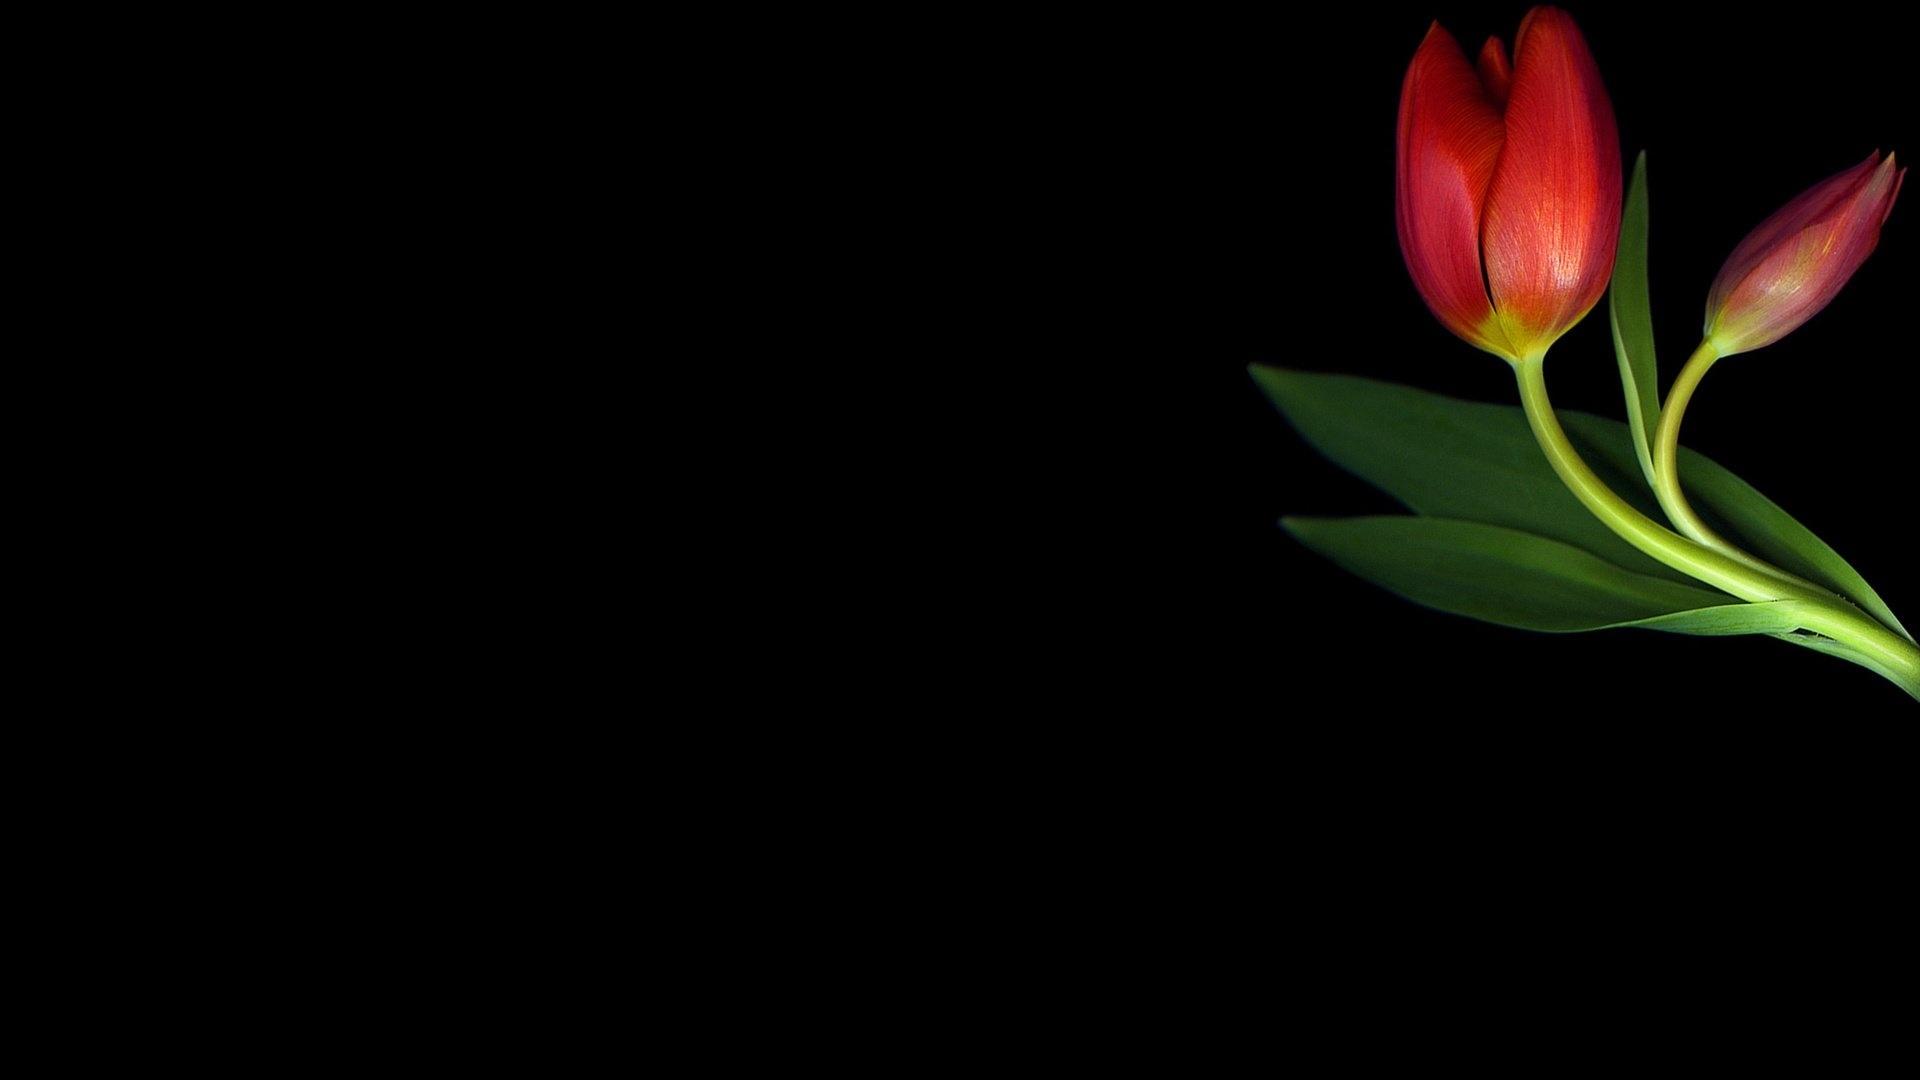 Tulip Minimalist Wallpaper